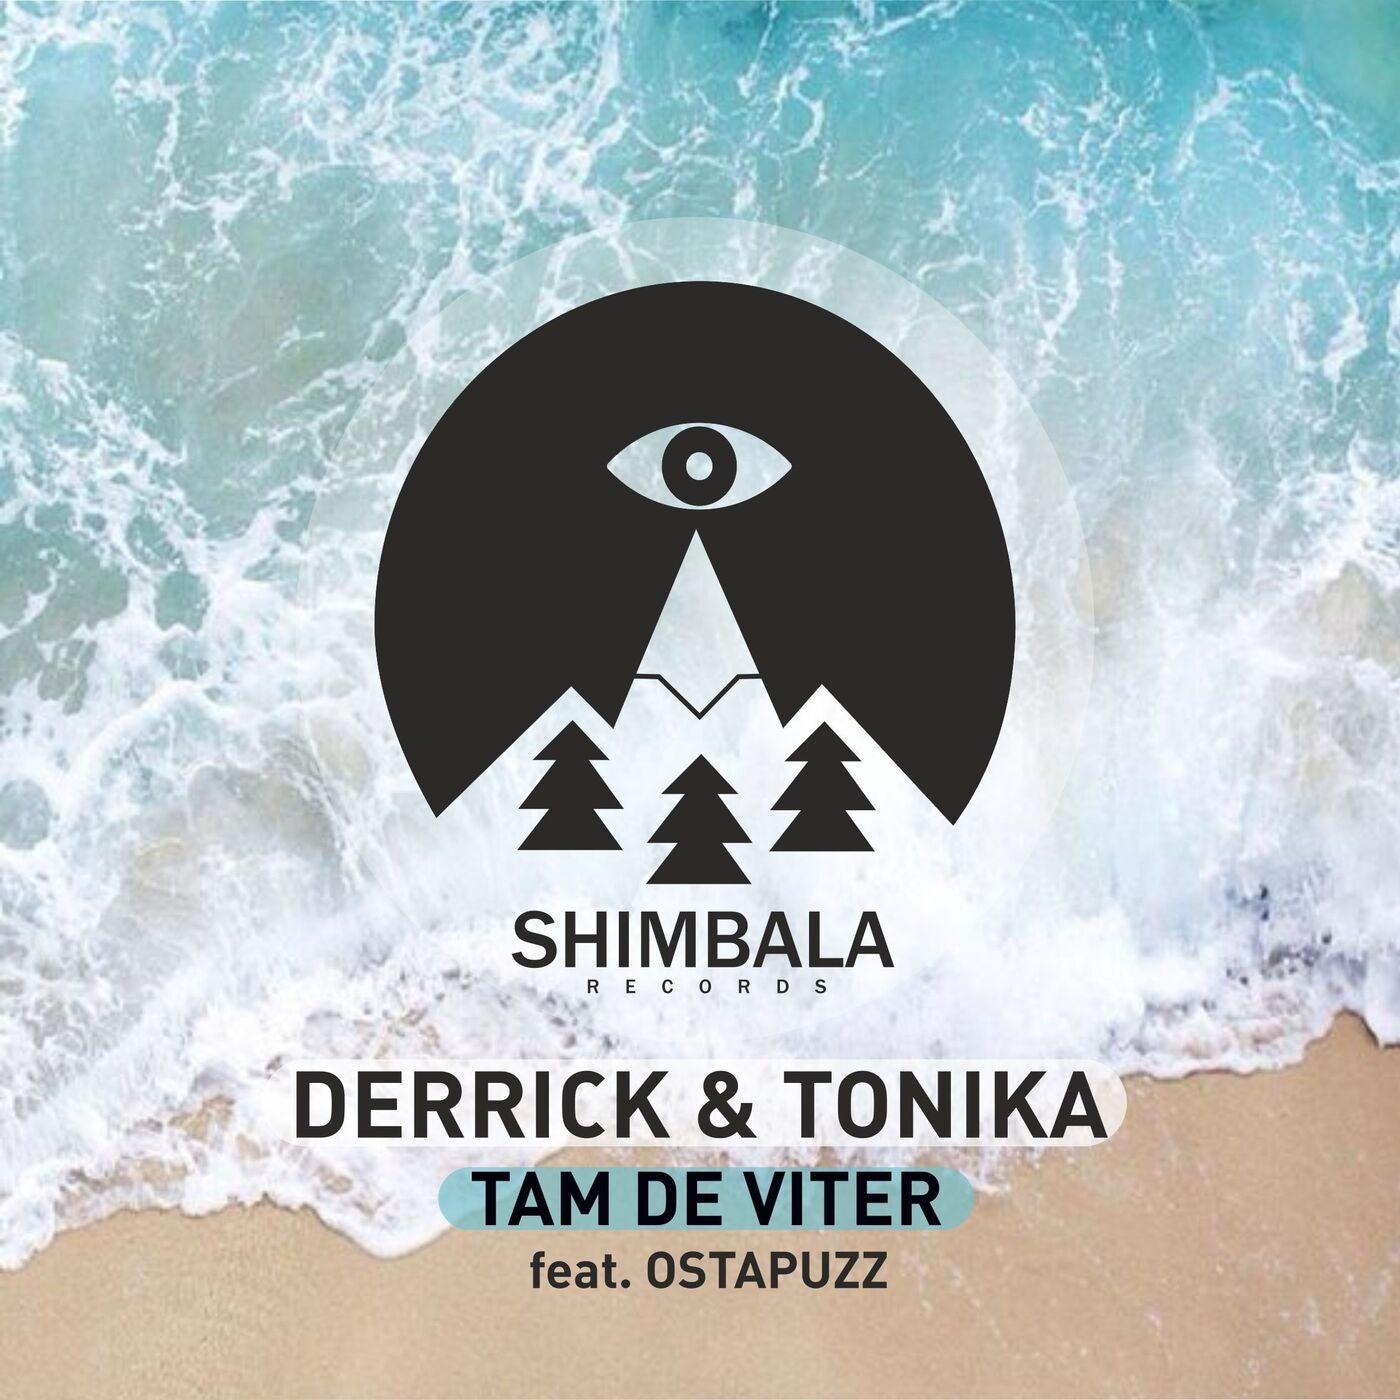 Download Derrick & Tonika - Tam De Viter (SHIM013DD) mp3